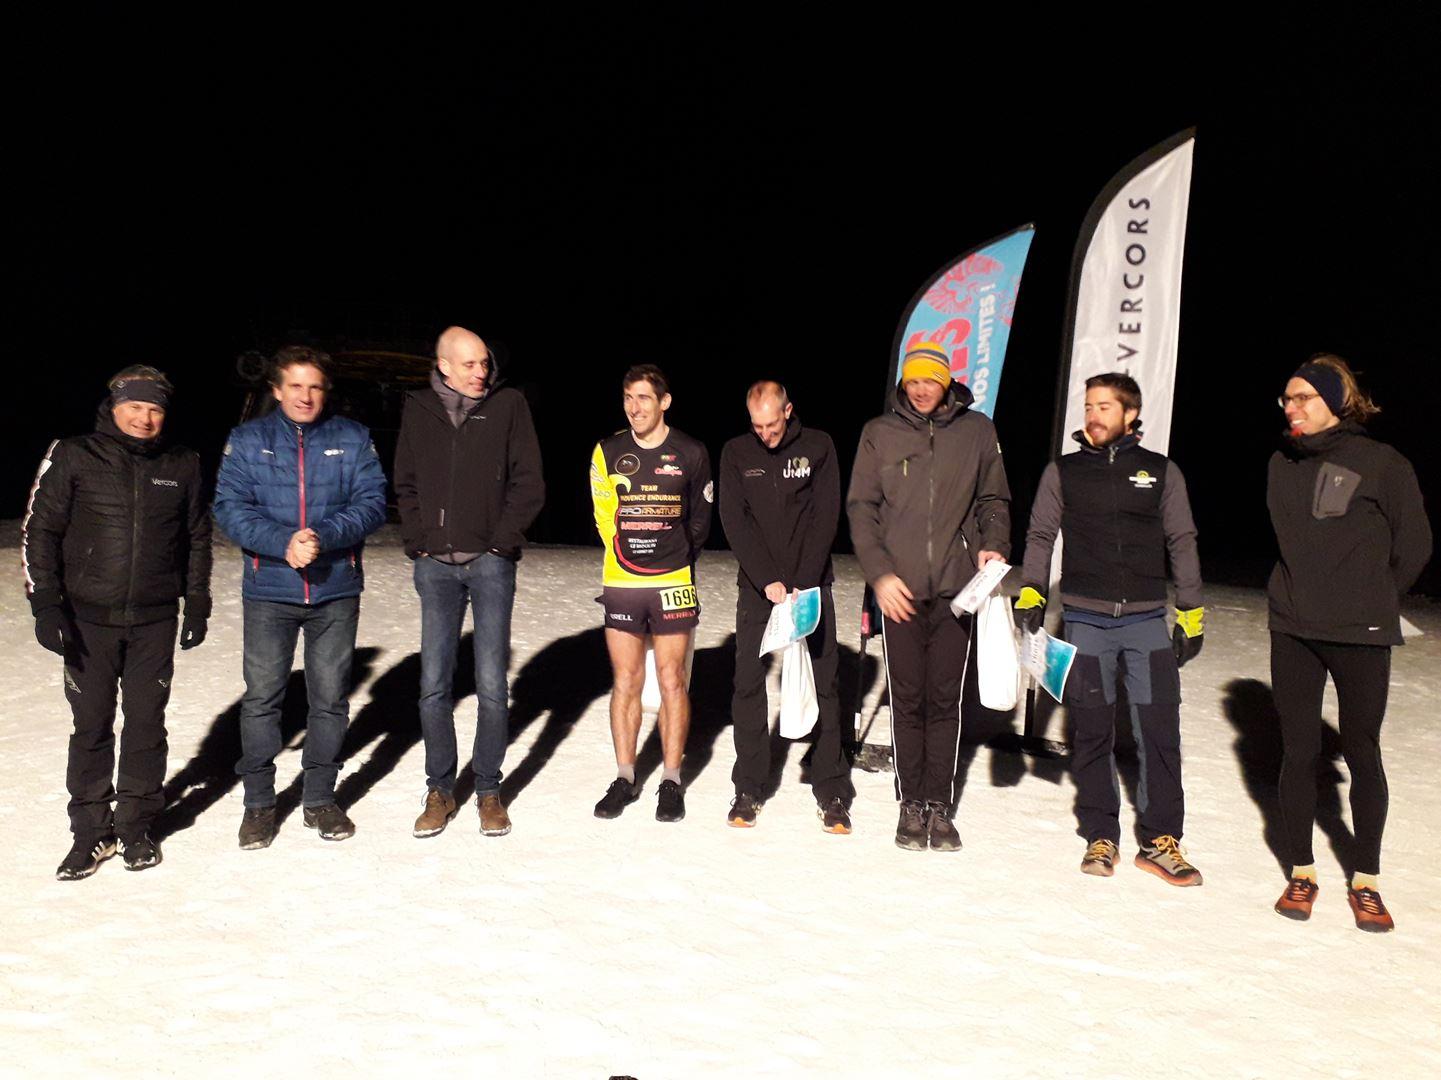 podium hommes du 16km - RESULTATS ET PHOTOS DU WINTER SIBOTRAIL LANS EN VERCORS (07/03/2020)